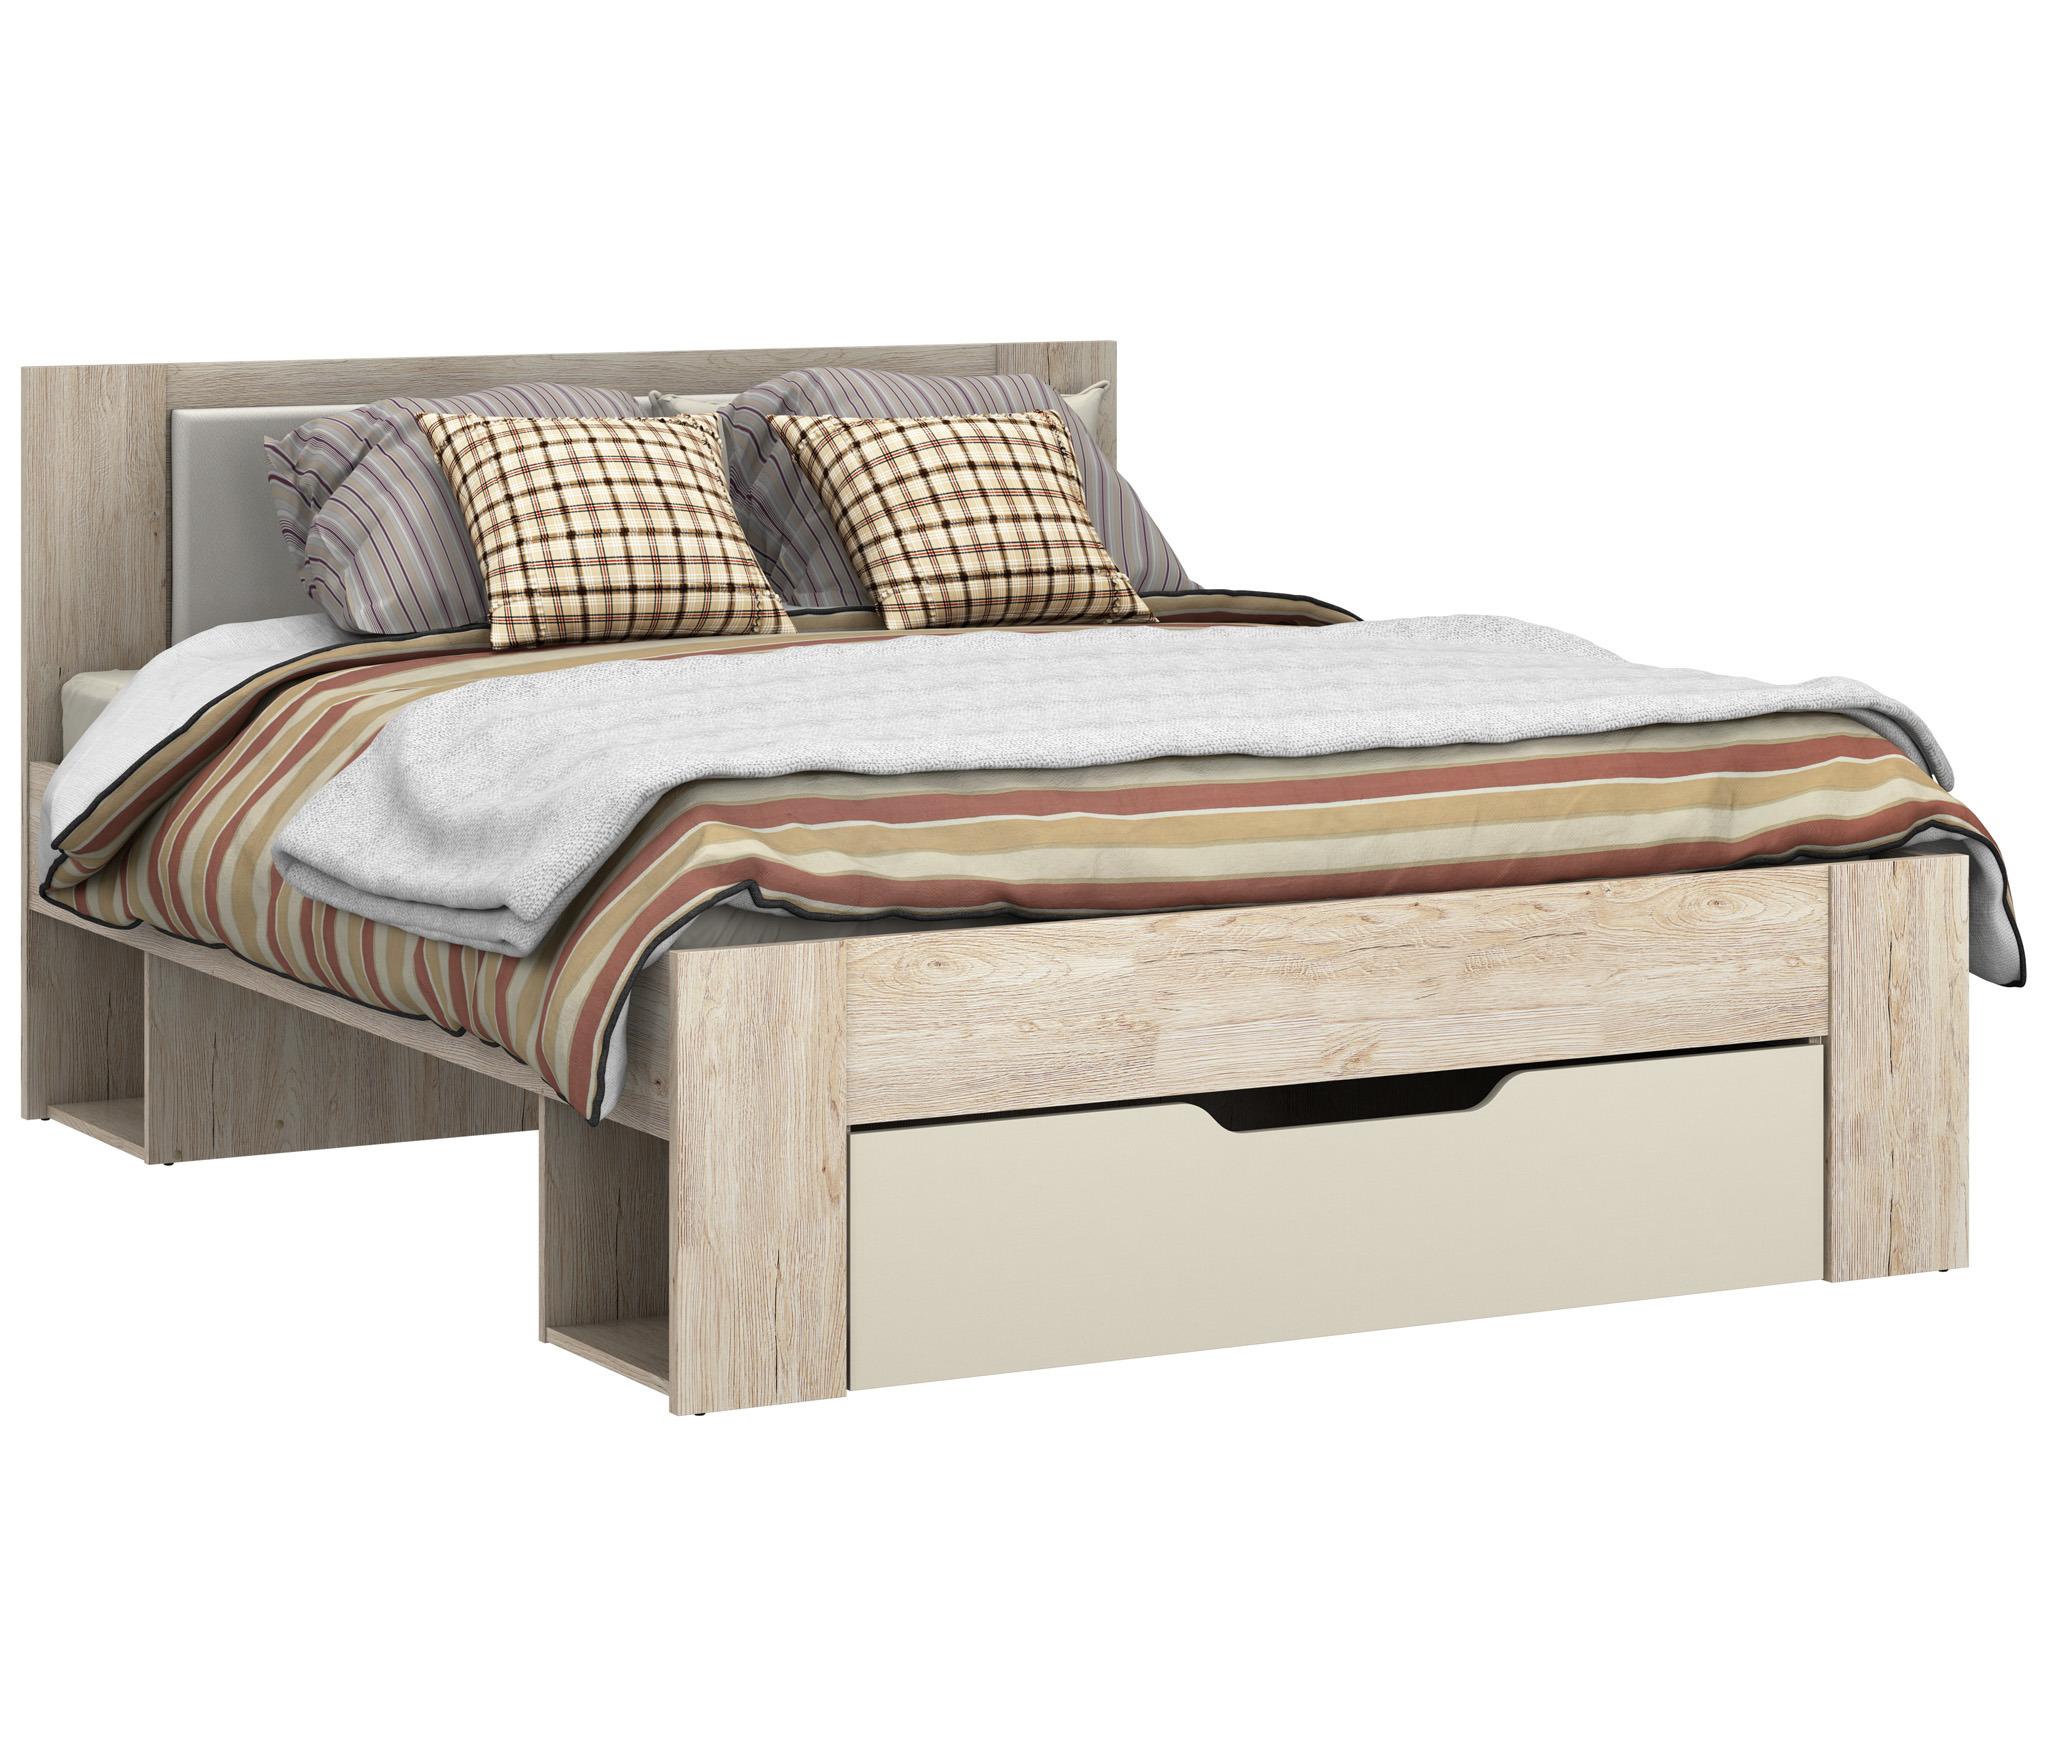 Милано СБ-2324 Кровать 1600Кровати<br>Матрас приобретается отдельно.<br><br>Длина мм: 1660<br>Высота мм: 1004<br>Глубина мм: 2056